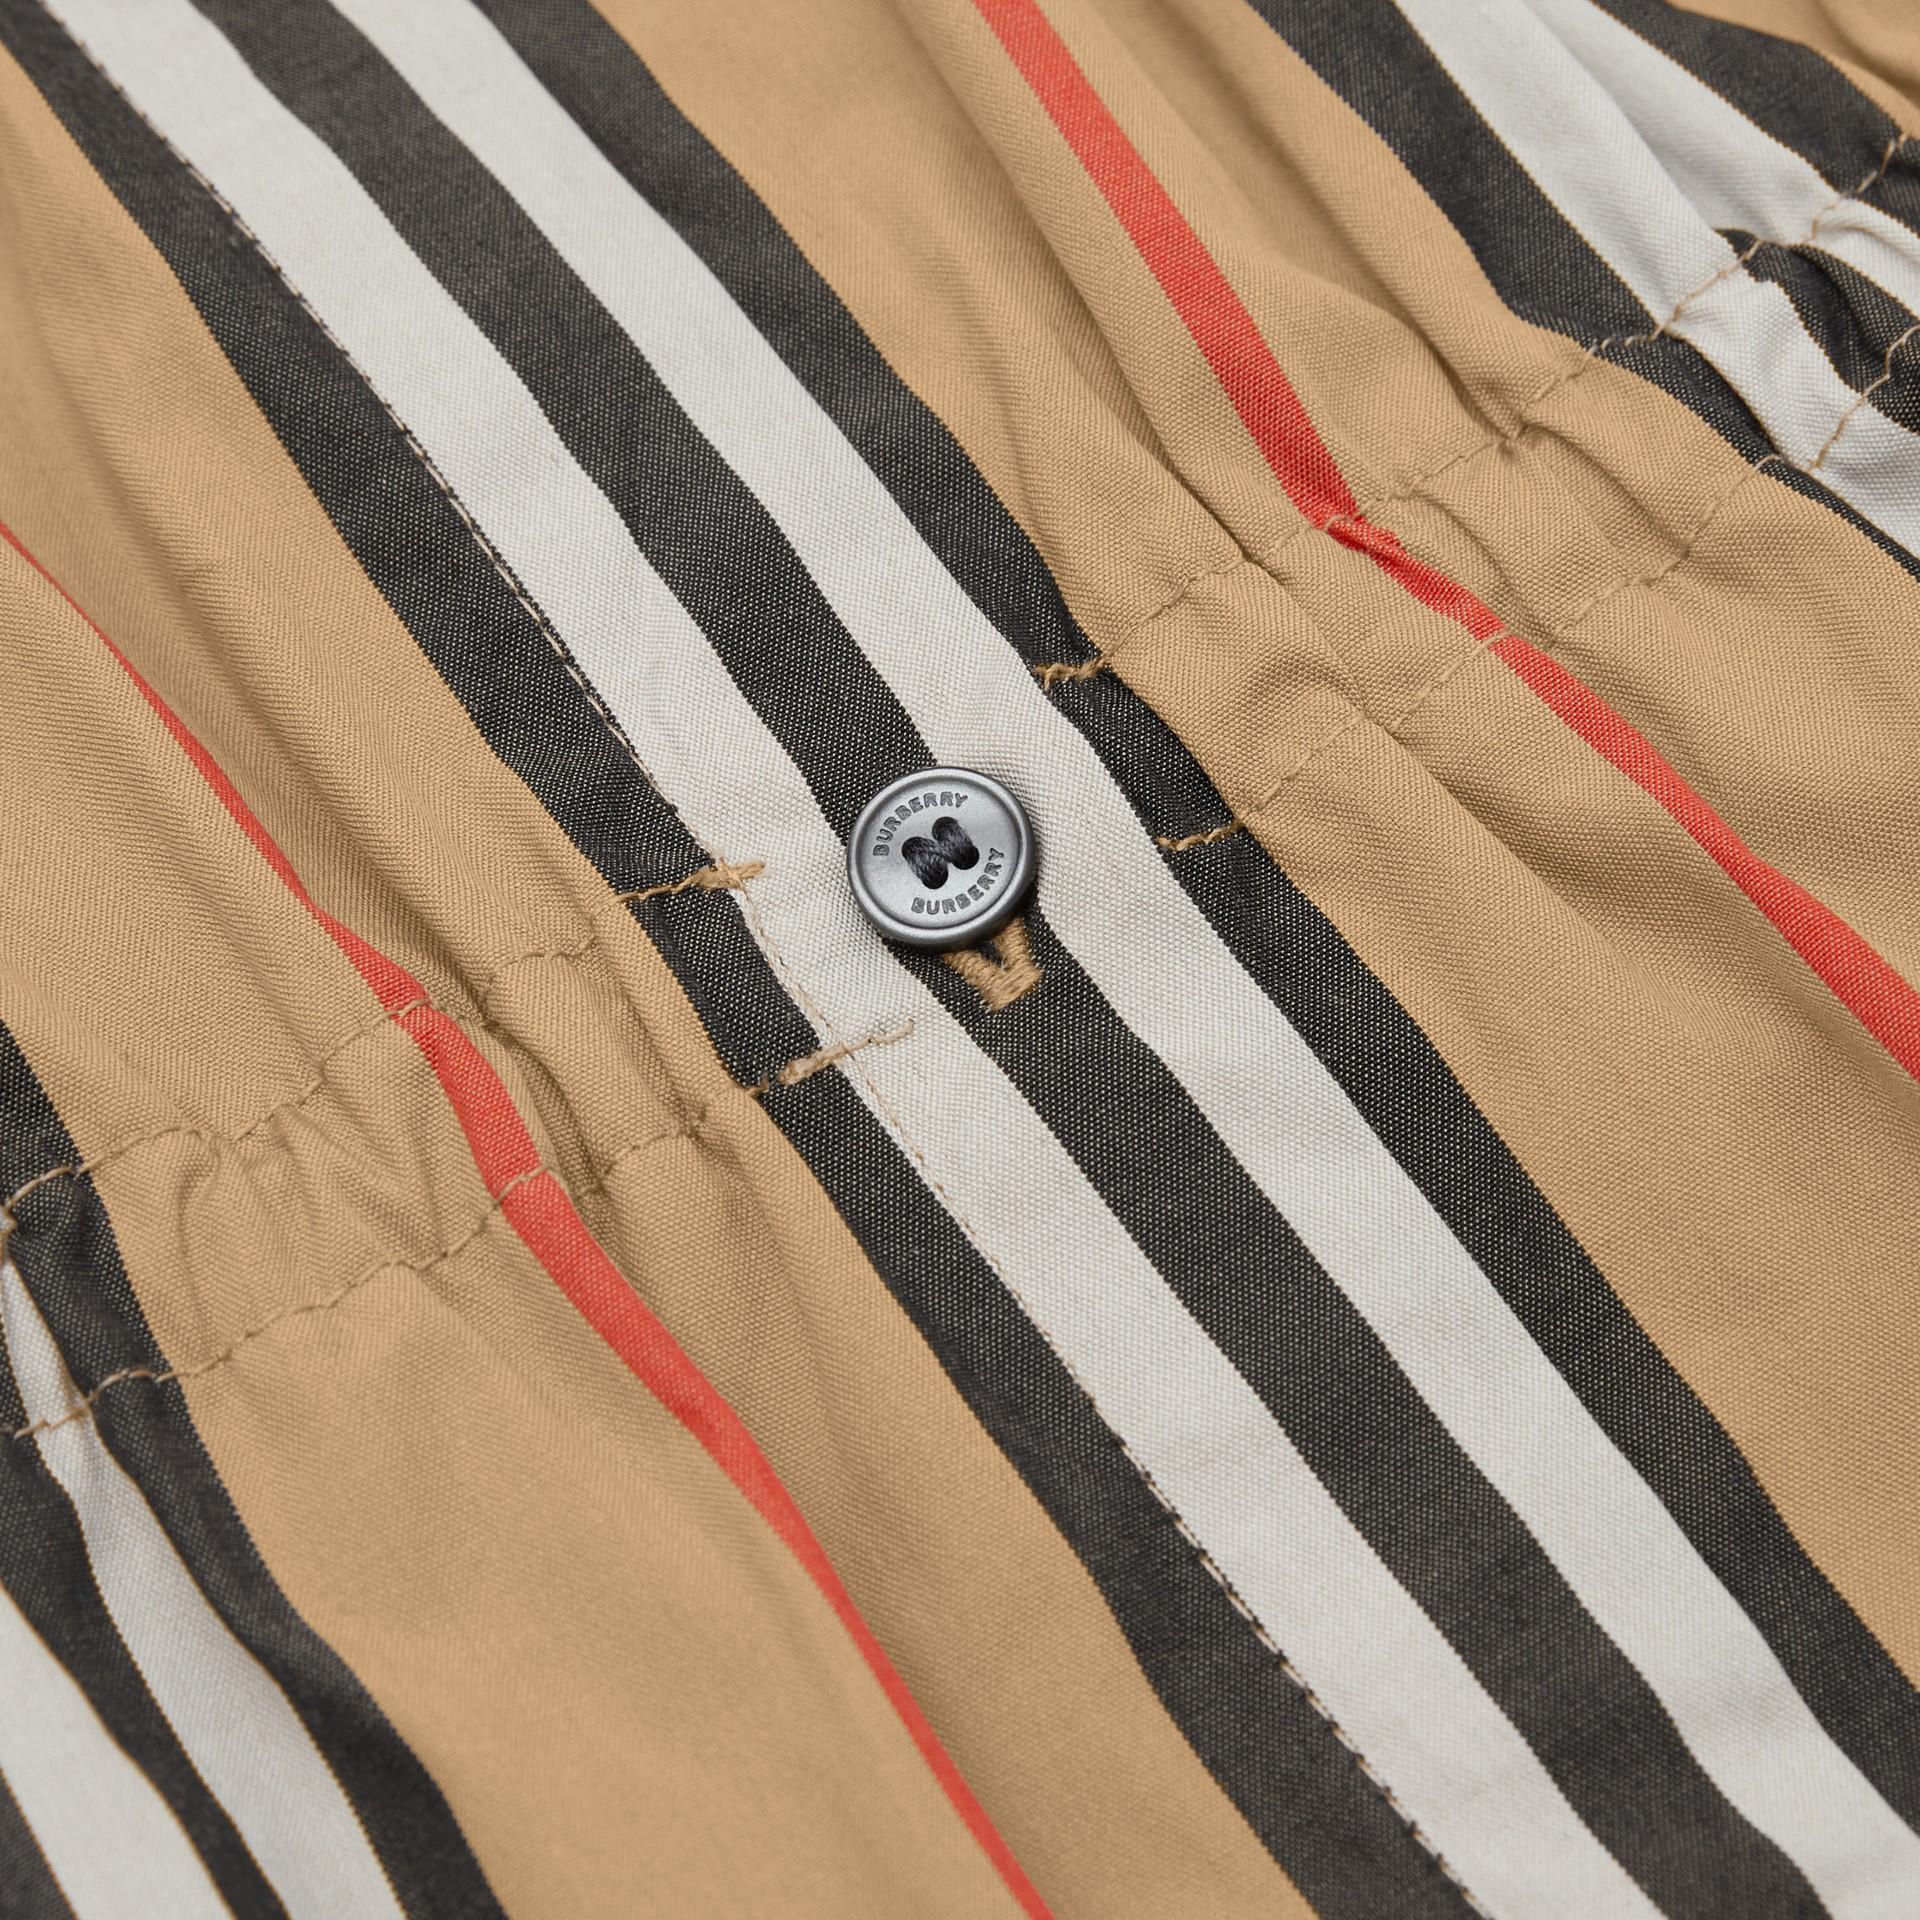 アイコンストライプ コットンポプリン ドレス (アーカイブベージュ) | バーバリー - ギャラリーイメージ 1